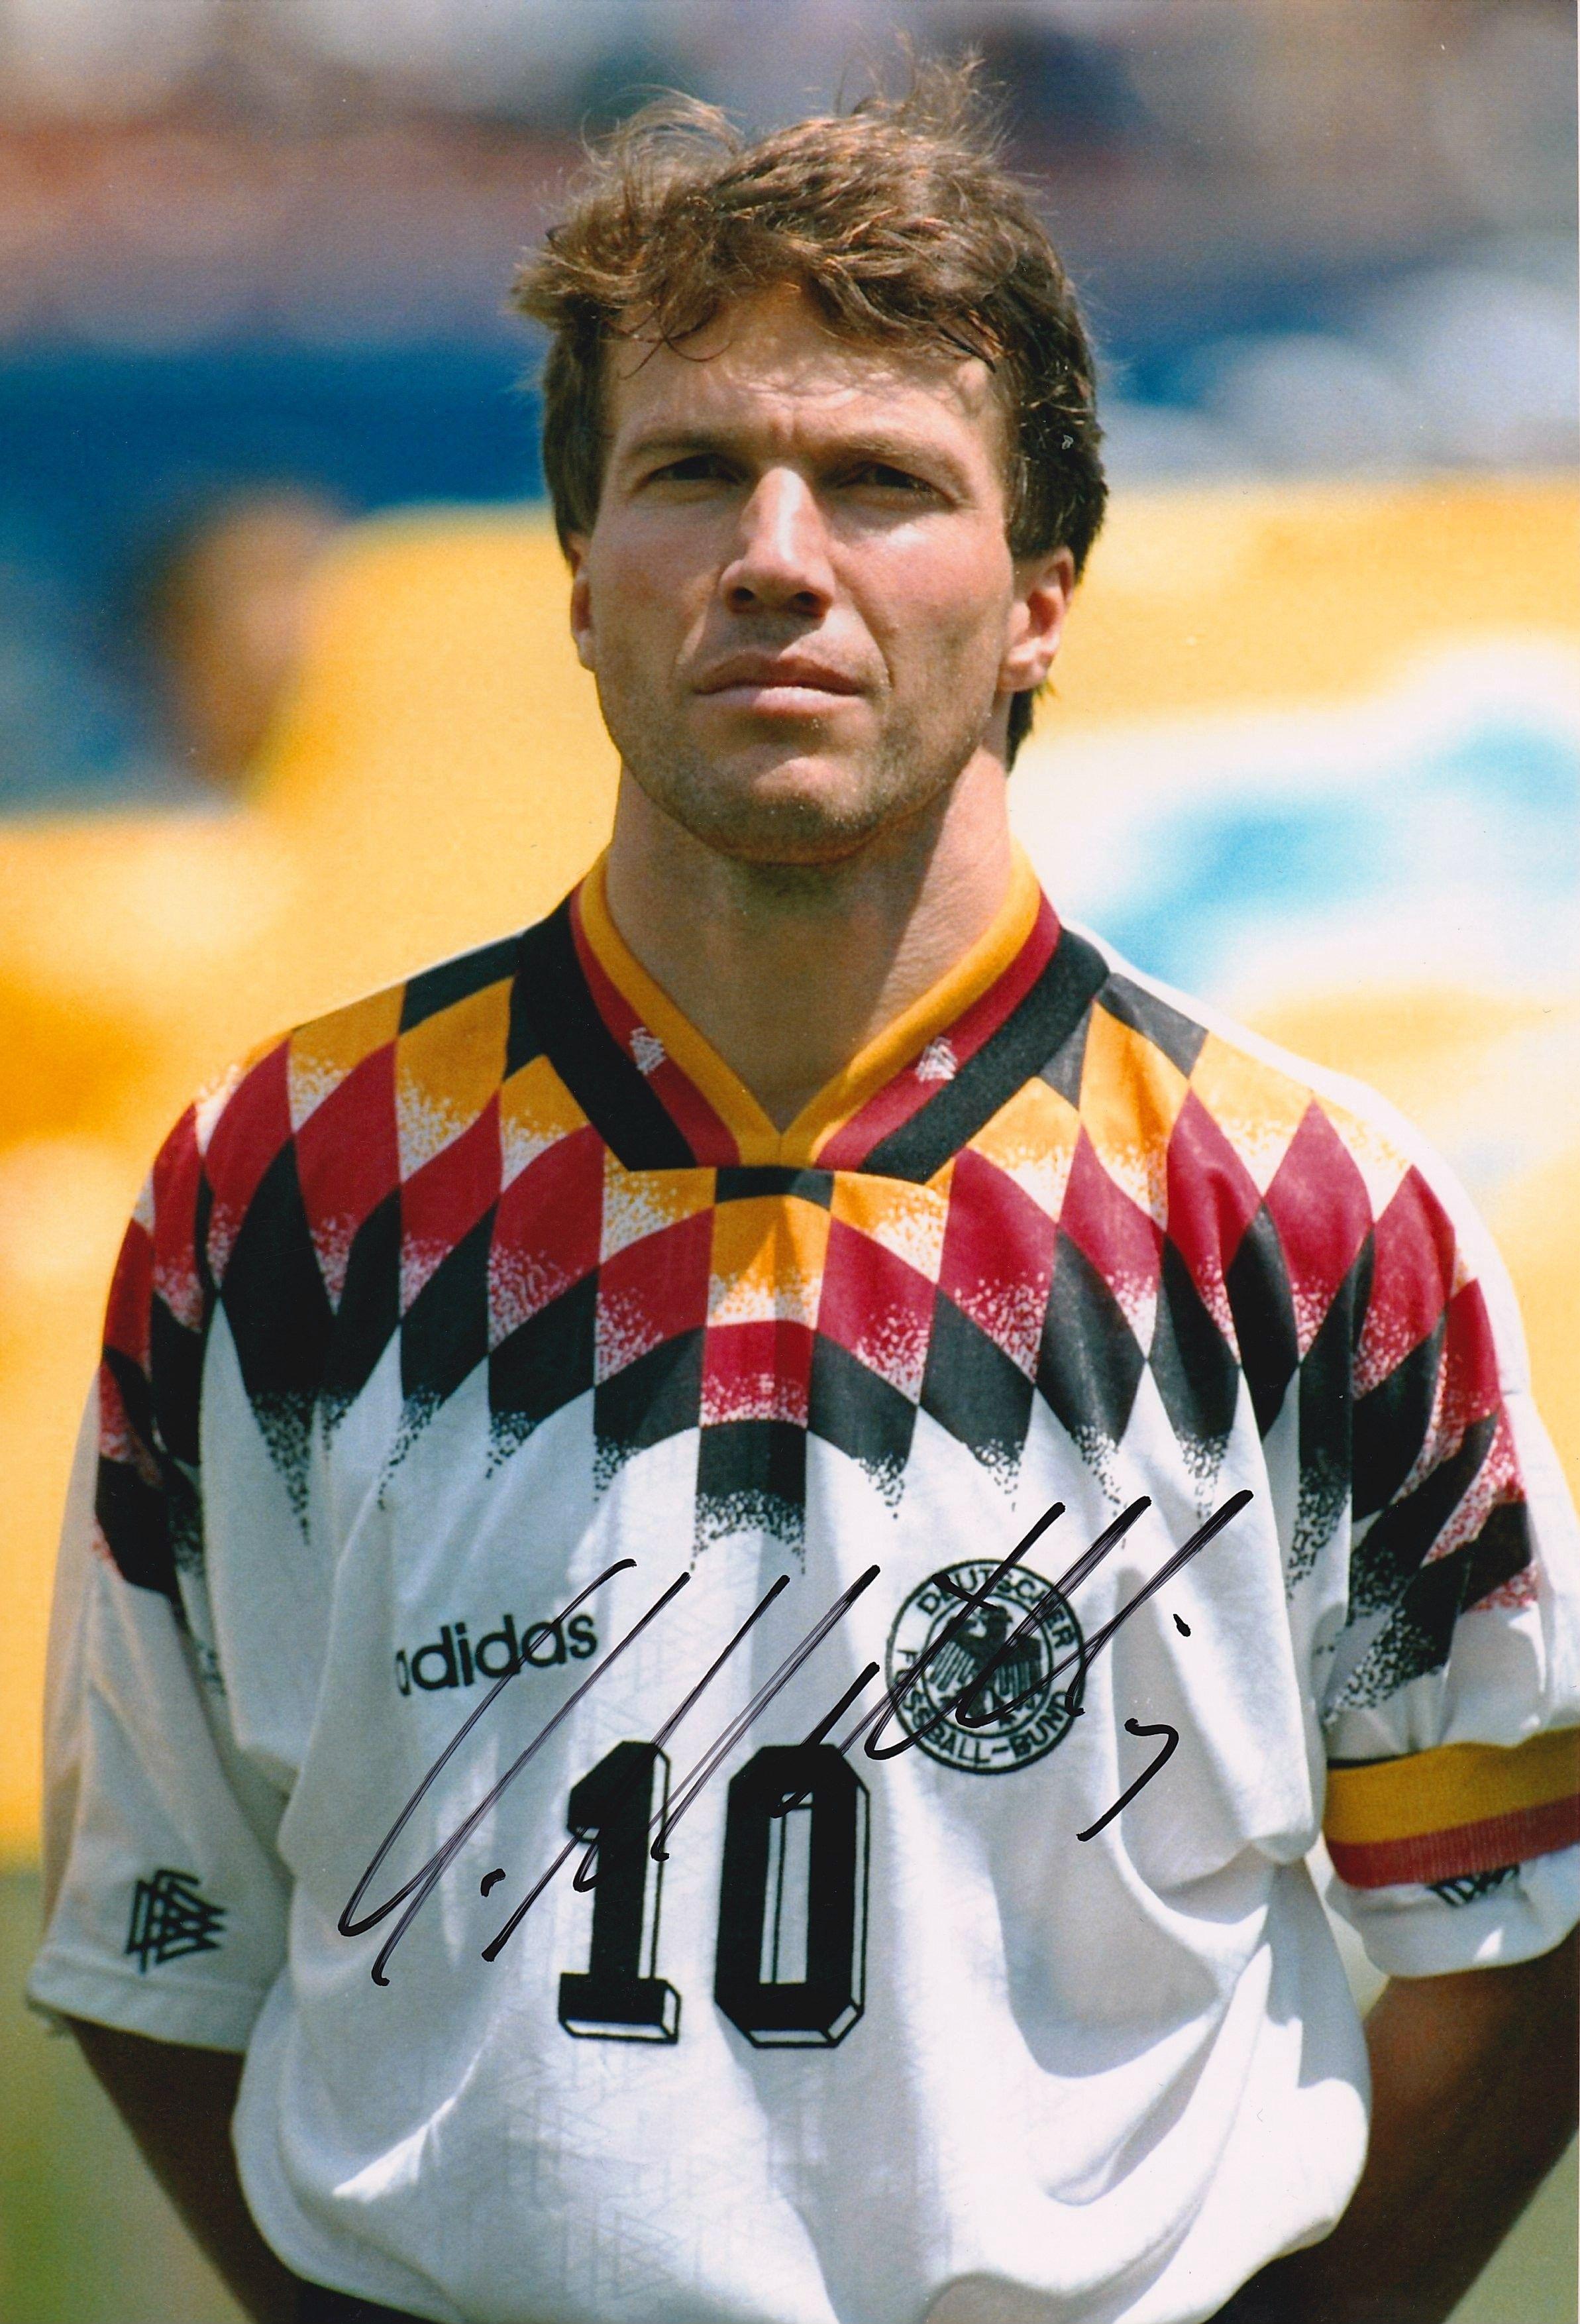 Lothar Herbert Matthäus He has played in five FIFA World Cups